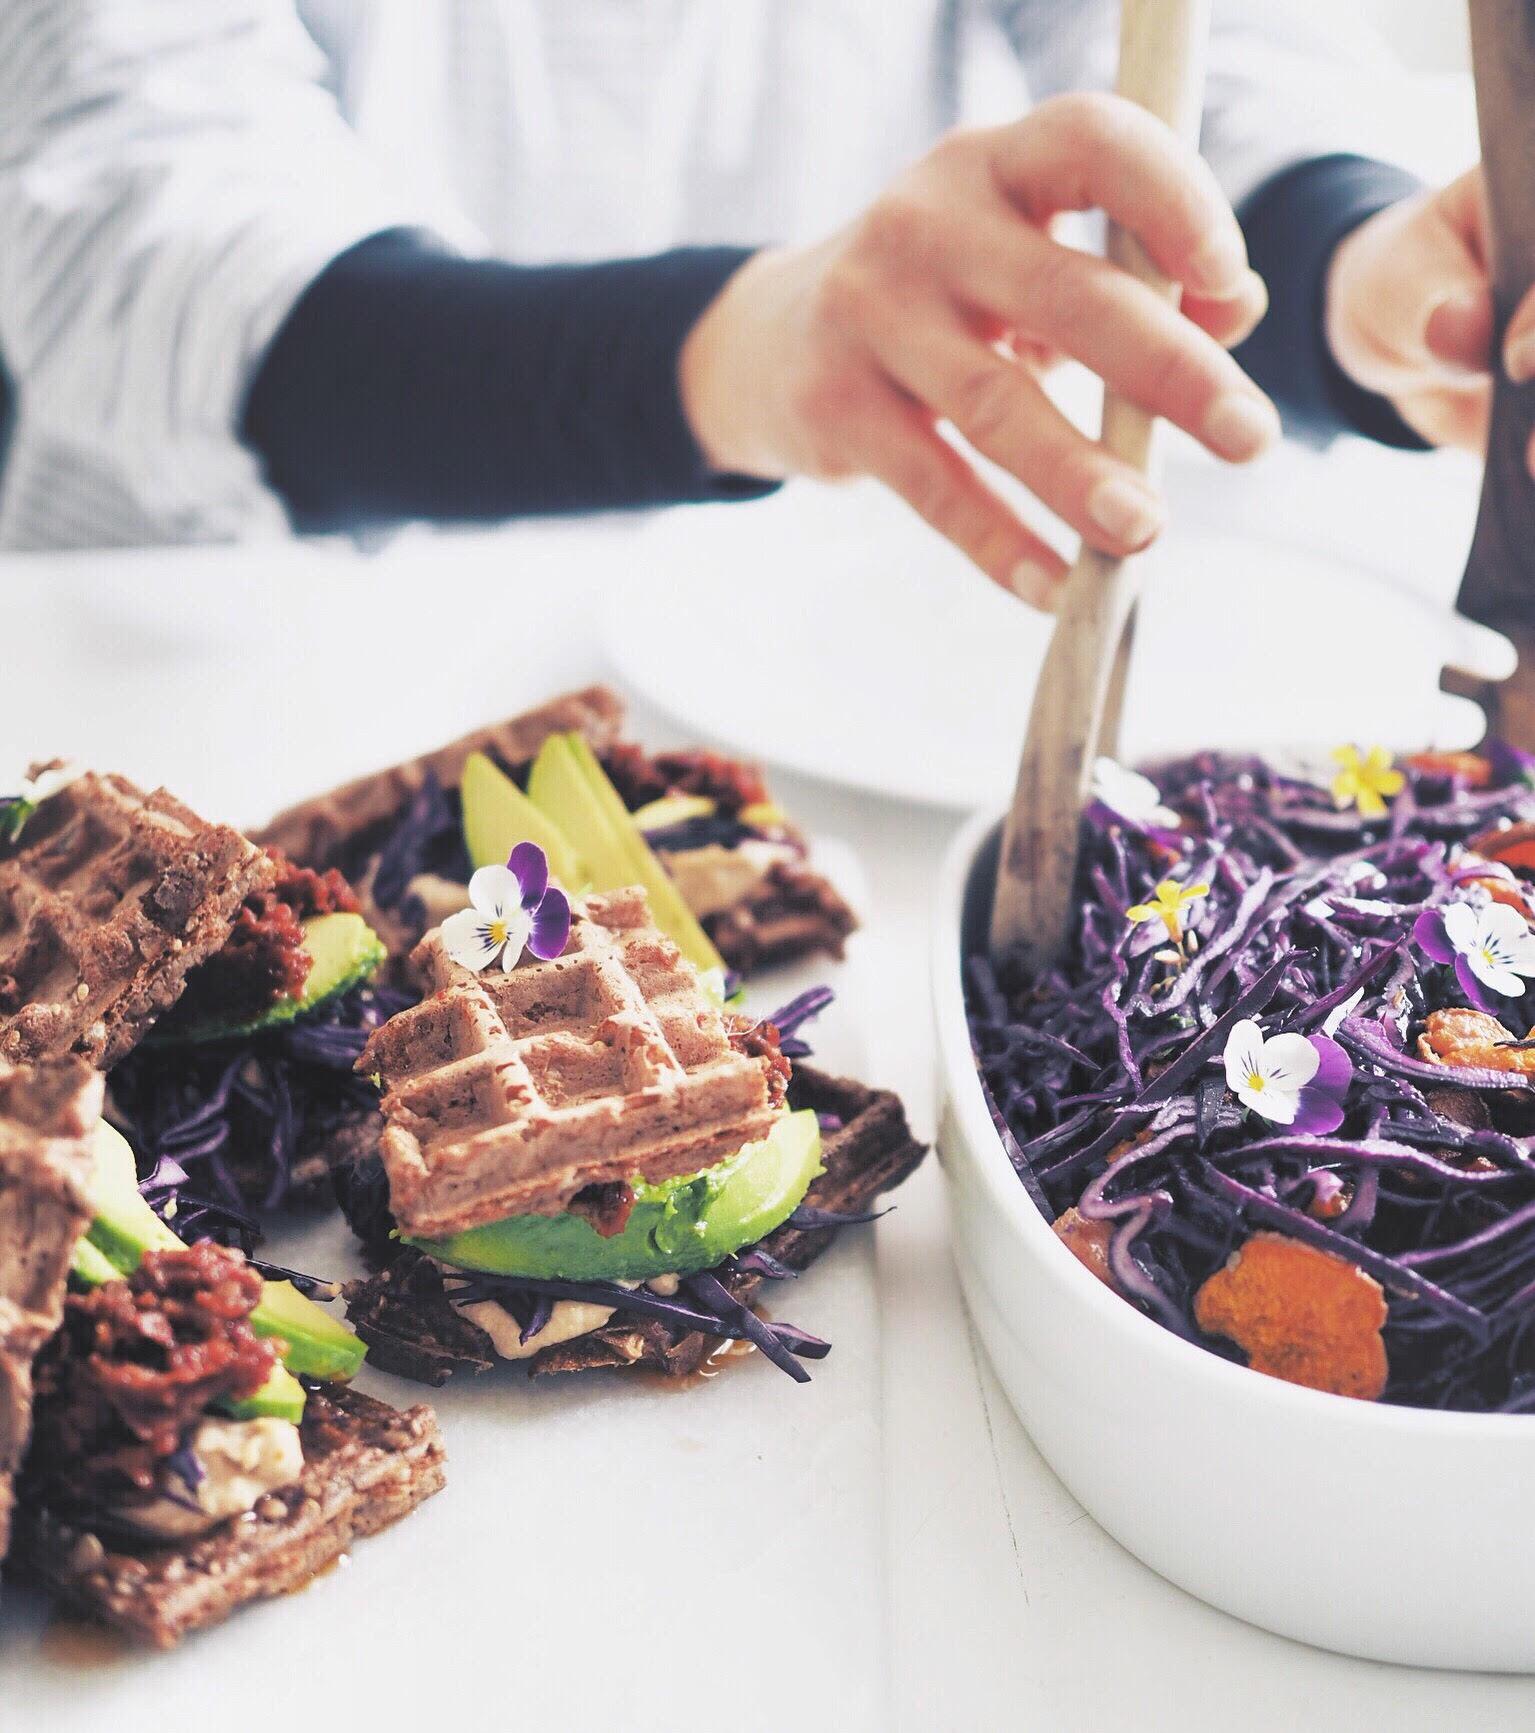 Opskrift på rødkålssalat med gulerødder, sød kartoffel og tahindressing. Toppet med spiselige blomster og serveret med en vaffel sandwich med hummus, avokado og soltørrede tomater. Alt sammen vegansk frokost